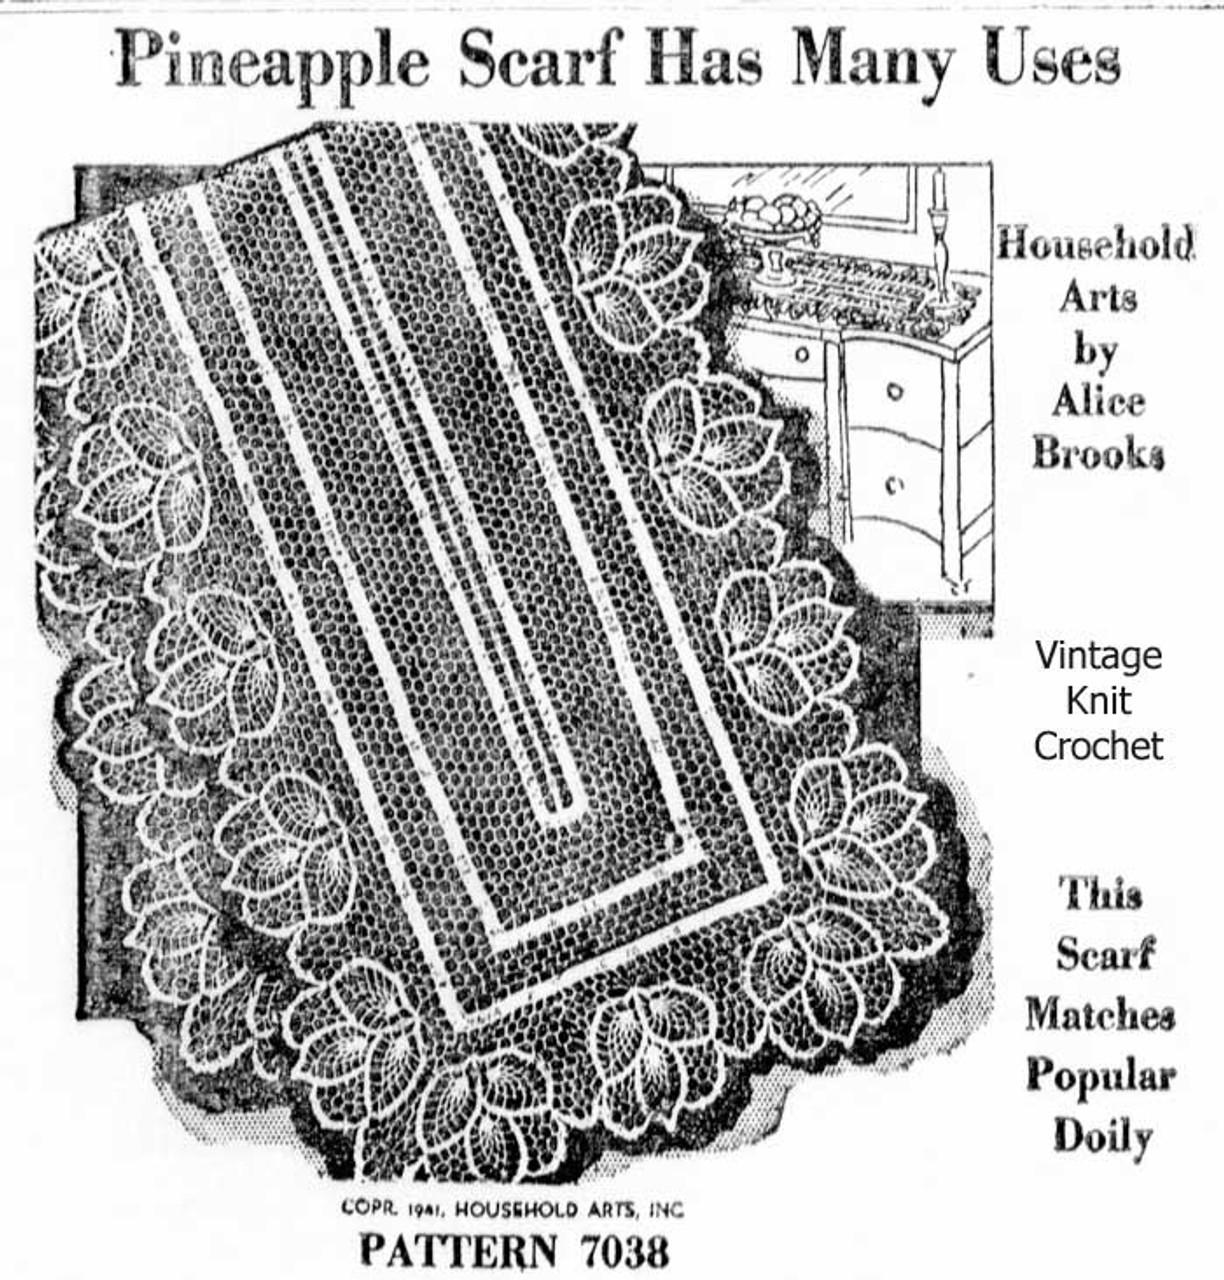 Vintage Crochet Runner Pattern, 3 sizes, Alice Brooks 7038